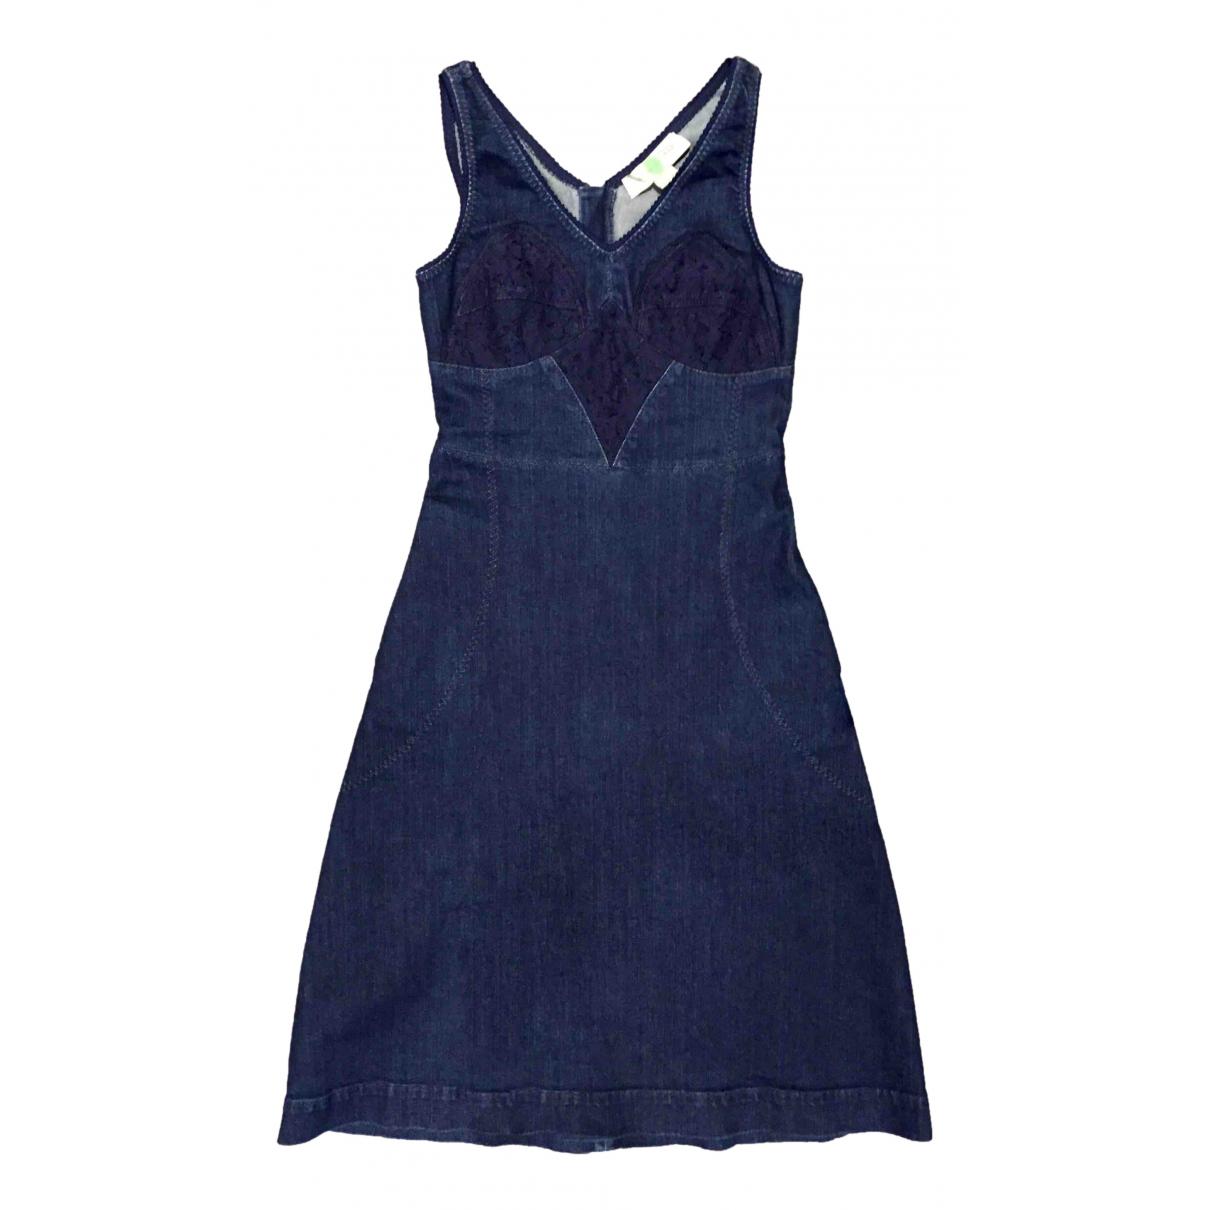 Stella Mccartney \N Kleid in  Blau Denim - Jeans